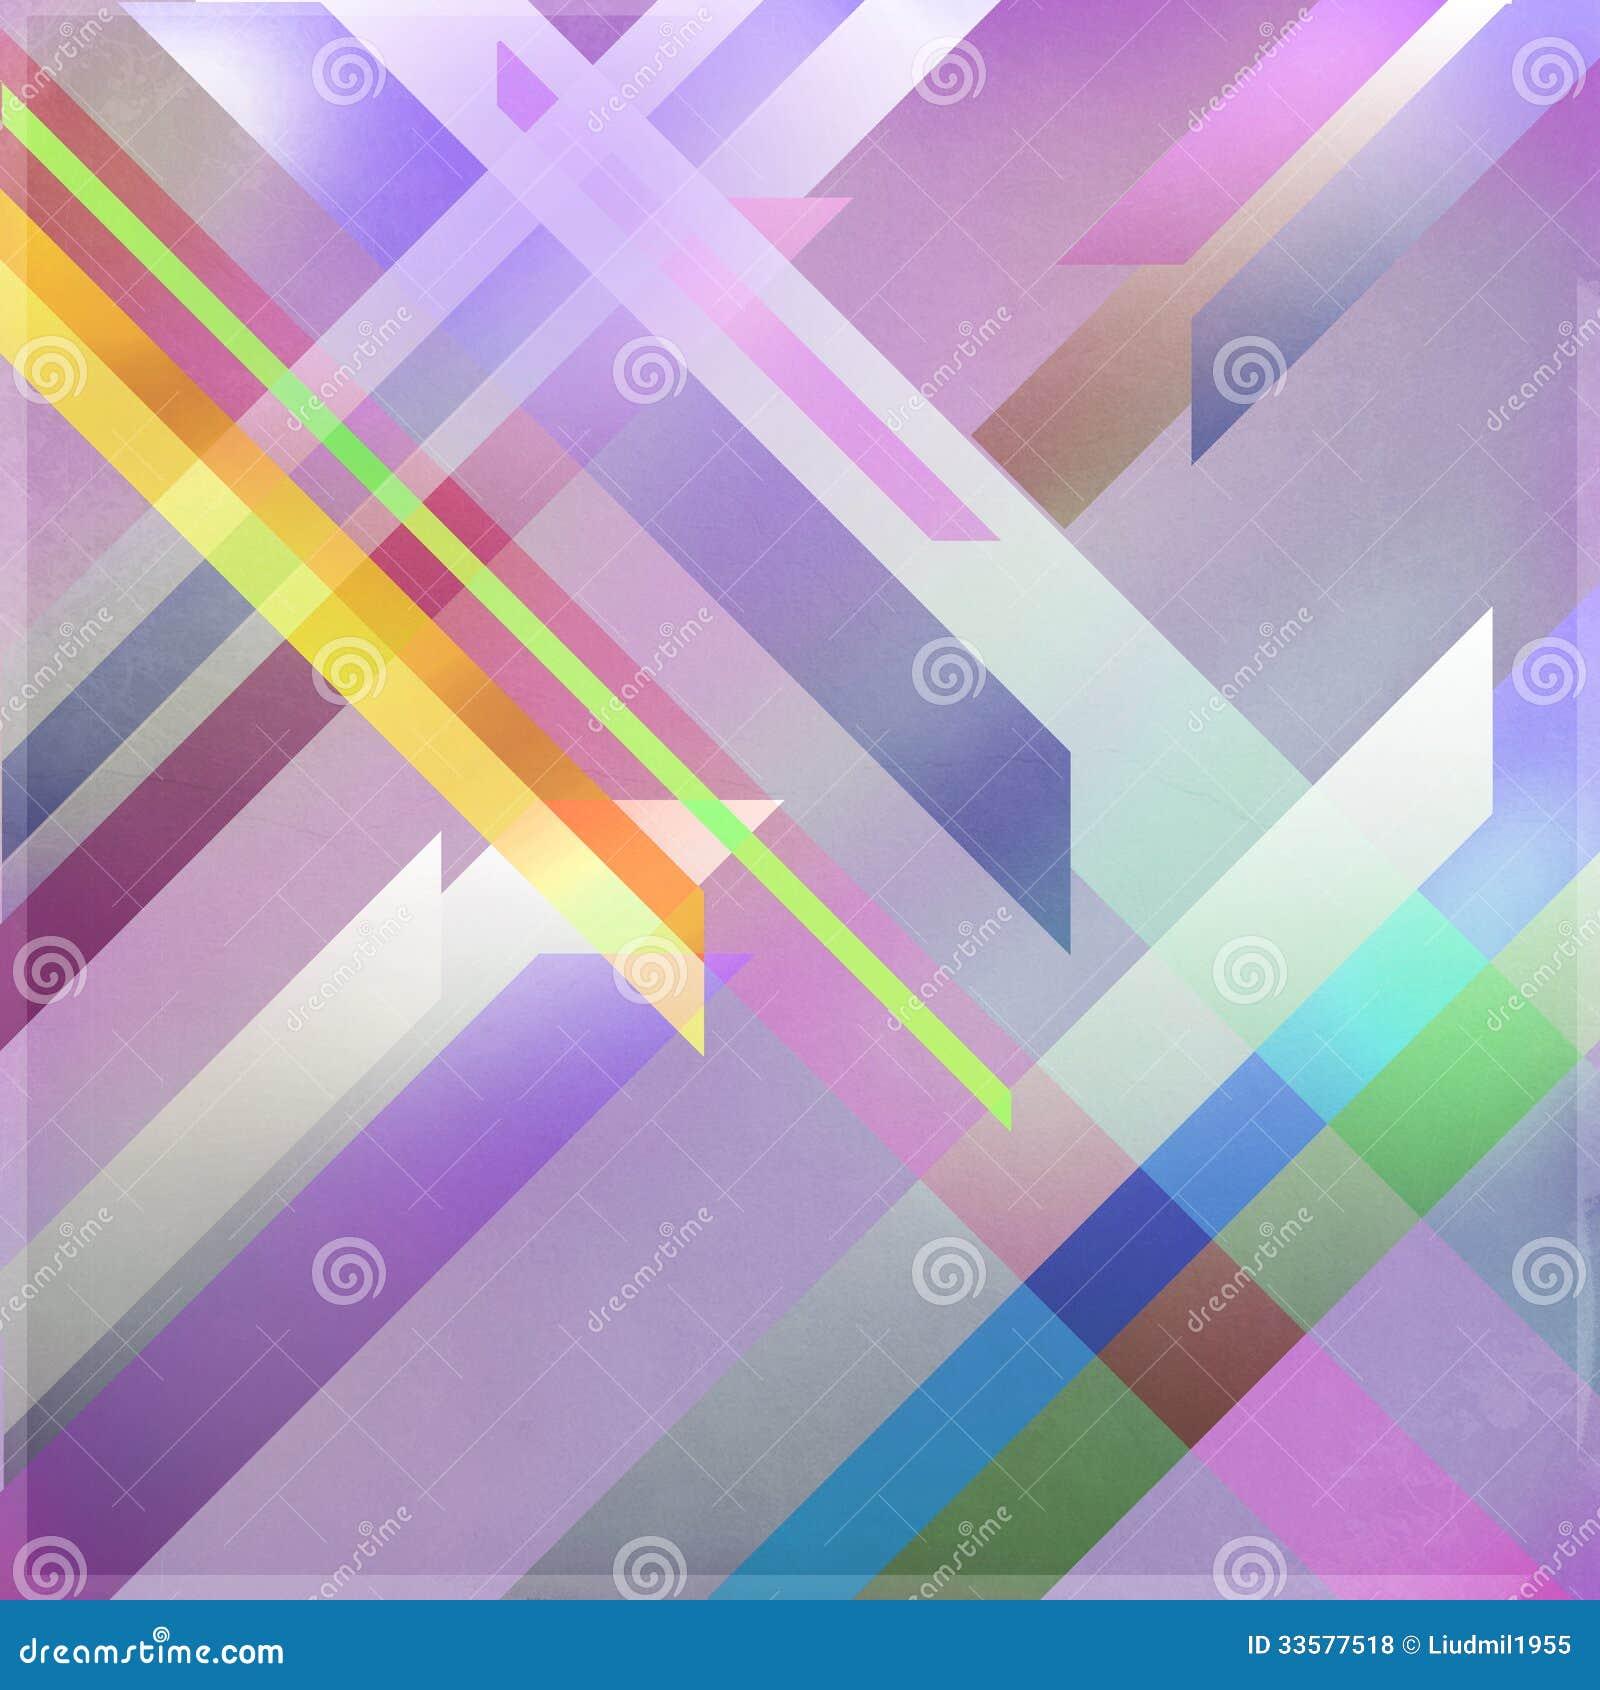 colorful retro futuristic poster stock illustration